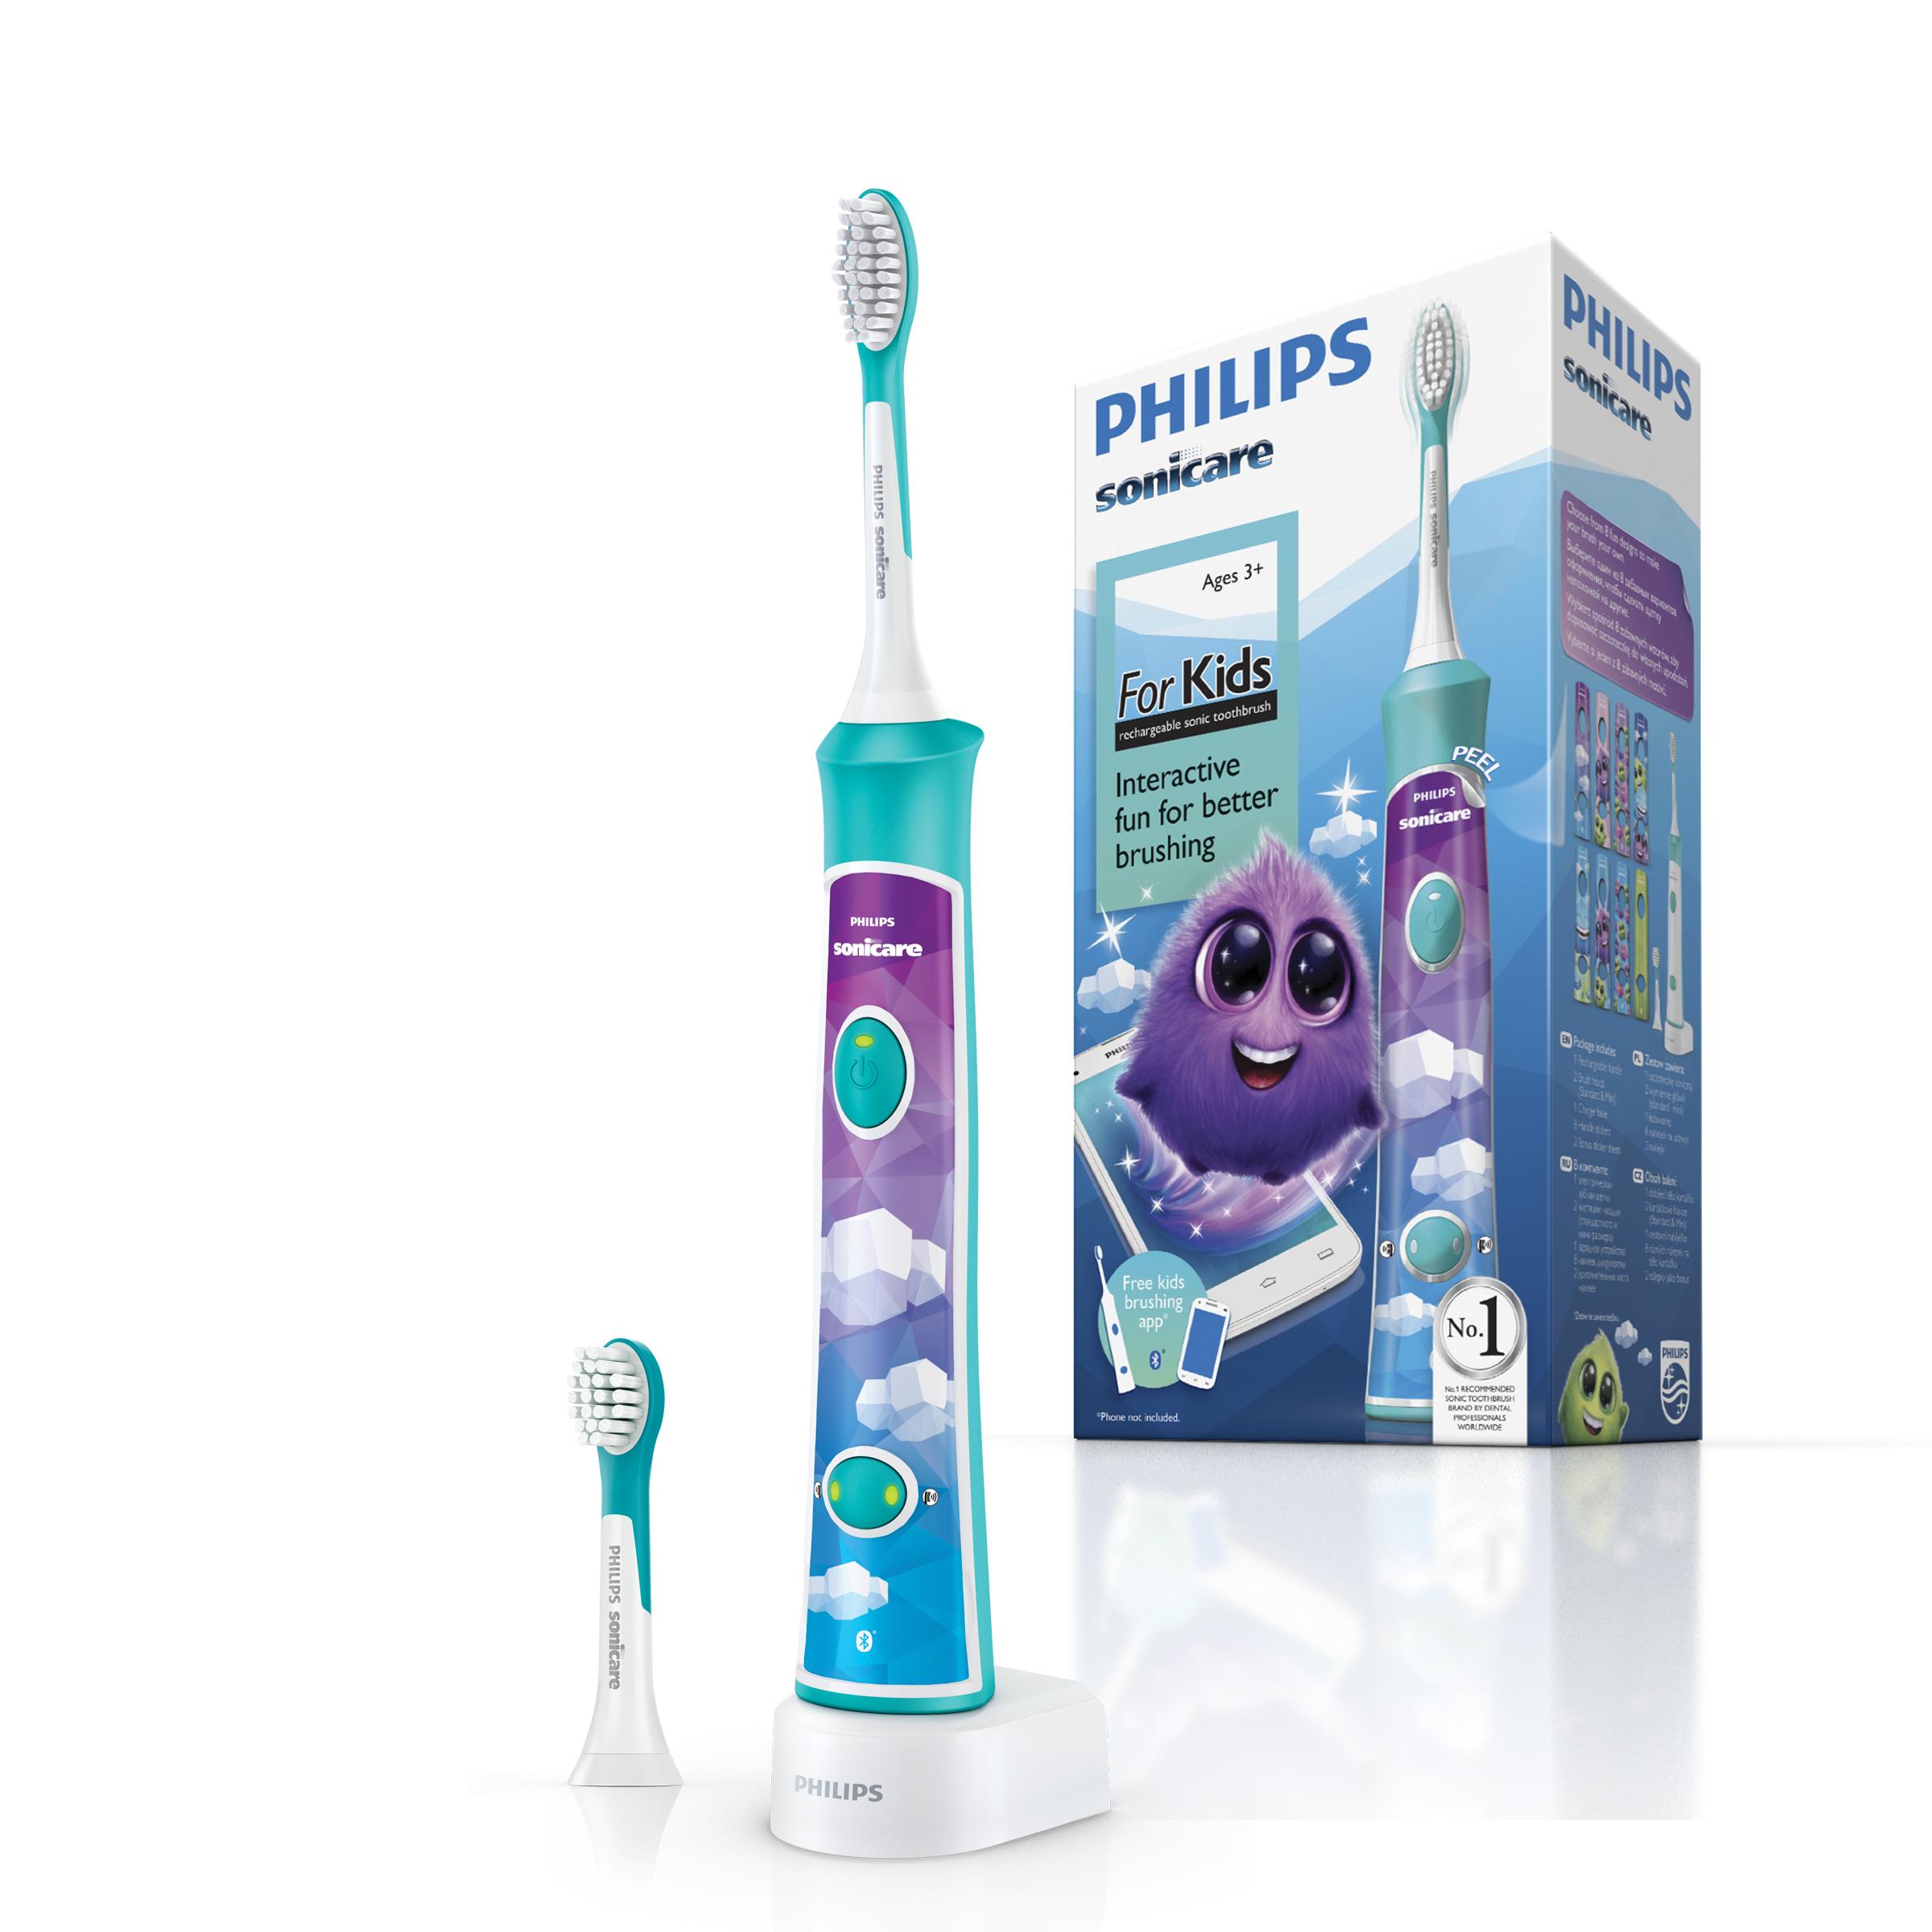 Philips HX6322/04 детская зубная щетка с мобильным приложениемHX6322/04№1 бренд звуковых зубных щеток рекомендуемый стоматологами всего мира.На основании опроса более 4500 зубных врачей,Приоритиз Ресерч,2012. Более 20лет клинических исследований Sonicare. Ирригационный эффект технологии Sonicare способствует более качественному удалению зубного налета из труднодоступных участков полости рта и вдоль линии десен. Интерактивное приложение:ваш ребенок полюбит чистить зубы. Зубная щетка Philips Sonicare For Kids с поддержкой Bluetooth подключается к специальному приложению, которое в игровой форме учит детей правильно чистить зубы. Это увлекательный и веселый процесс, который поможет детям выработать привычку по уходу за полостью рта. До 75% более эффективный результат,чем обычная зубная щетка* Благодаря приложению и зубной щетке Philips Sonicare For Kids дети учатся самостоятельно чистить зубы. Приложение синхронизирует данные с детской звуковой зубной щеткой через Bluetooth, обучая правильной технике чистки и записывая данные каждого сеанса. Дети могут следить за тем, насколько хорошо они чистят зубы, а также получать награды за отличный результат. Это эффективное обучающее приложение: 98 % родителей, принимавших участие в опросе, подтвердили, что дети дольше и лучше чистят зубы**. Веселый и увлекательный процесс, в ходе которого дети формируют полезные привычки по уходу за полостью рта. 2 комфортных для ребенка режима обеспечивают бережную,эффективную чистку.В комплекте 2 насадки ForKids:1 насадка компактного размера для детей от 3 лет(мягкие щетинки),1 насадка стандартного размера для детей от 7 лет(мягкие щетинки). Подходит для использования при наличии пломб,брекетов и других ортодонтических конструкций. *Pelka M, DeLaurenti M, Master A,Jenkins W,Strate J,Wei J, Schmitt P.,2009. **По данным опроса родителей в США, 2015